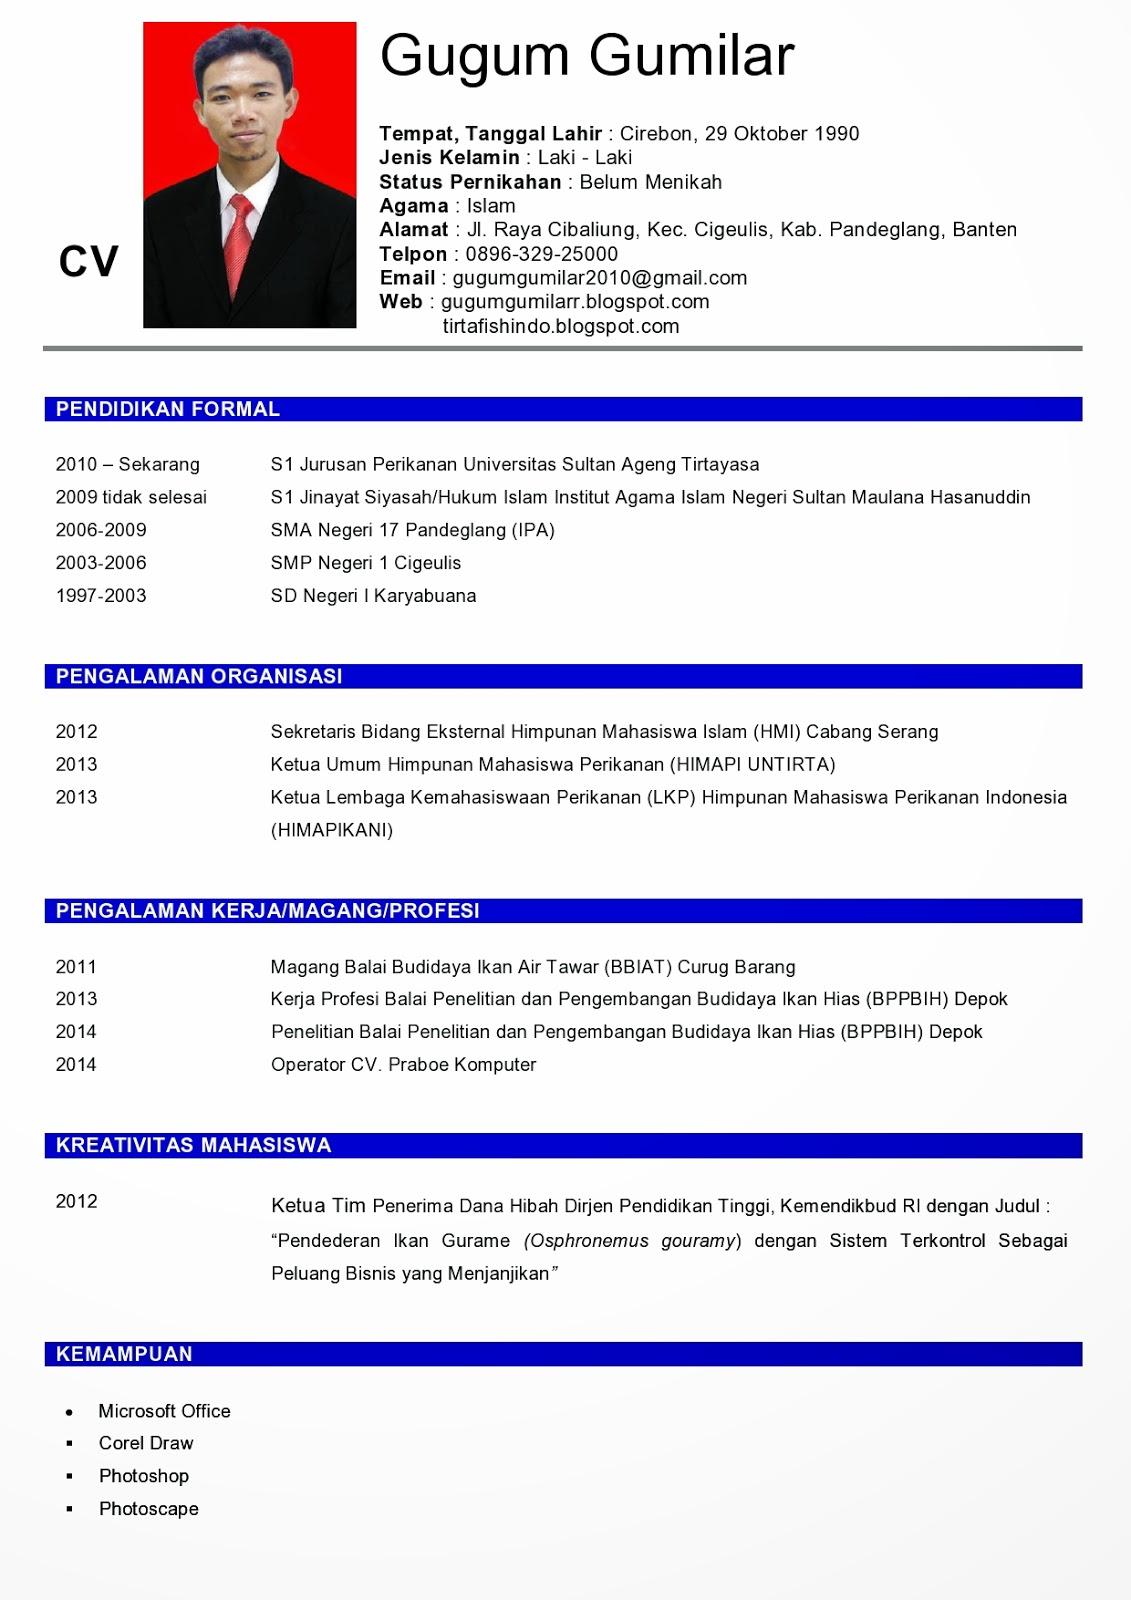 Dunia Kita: Cara Membuat CV (Curriculum Vitae) yang baik dan ...